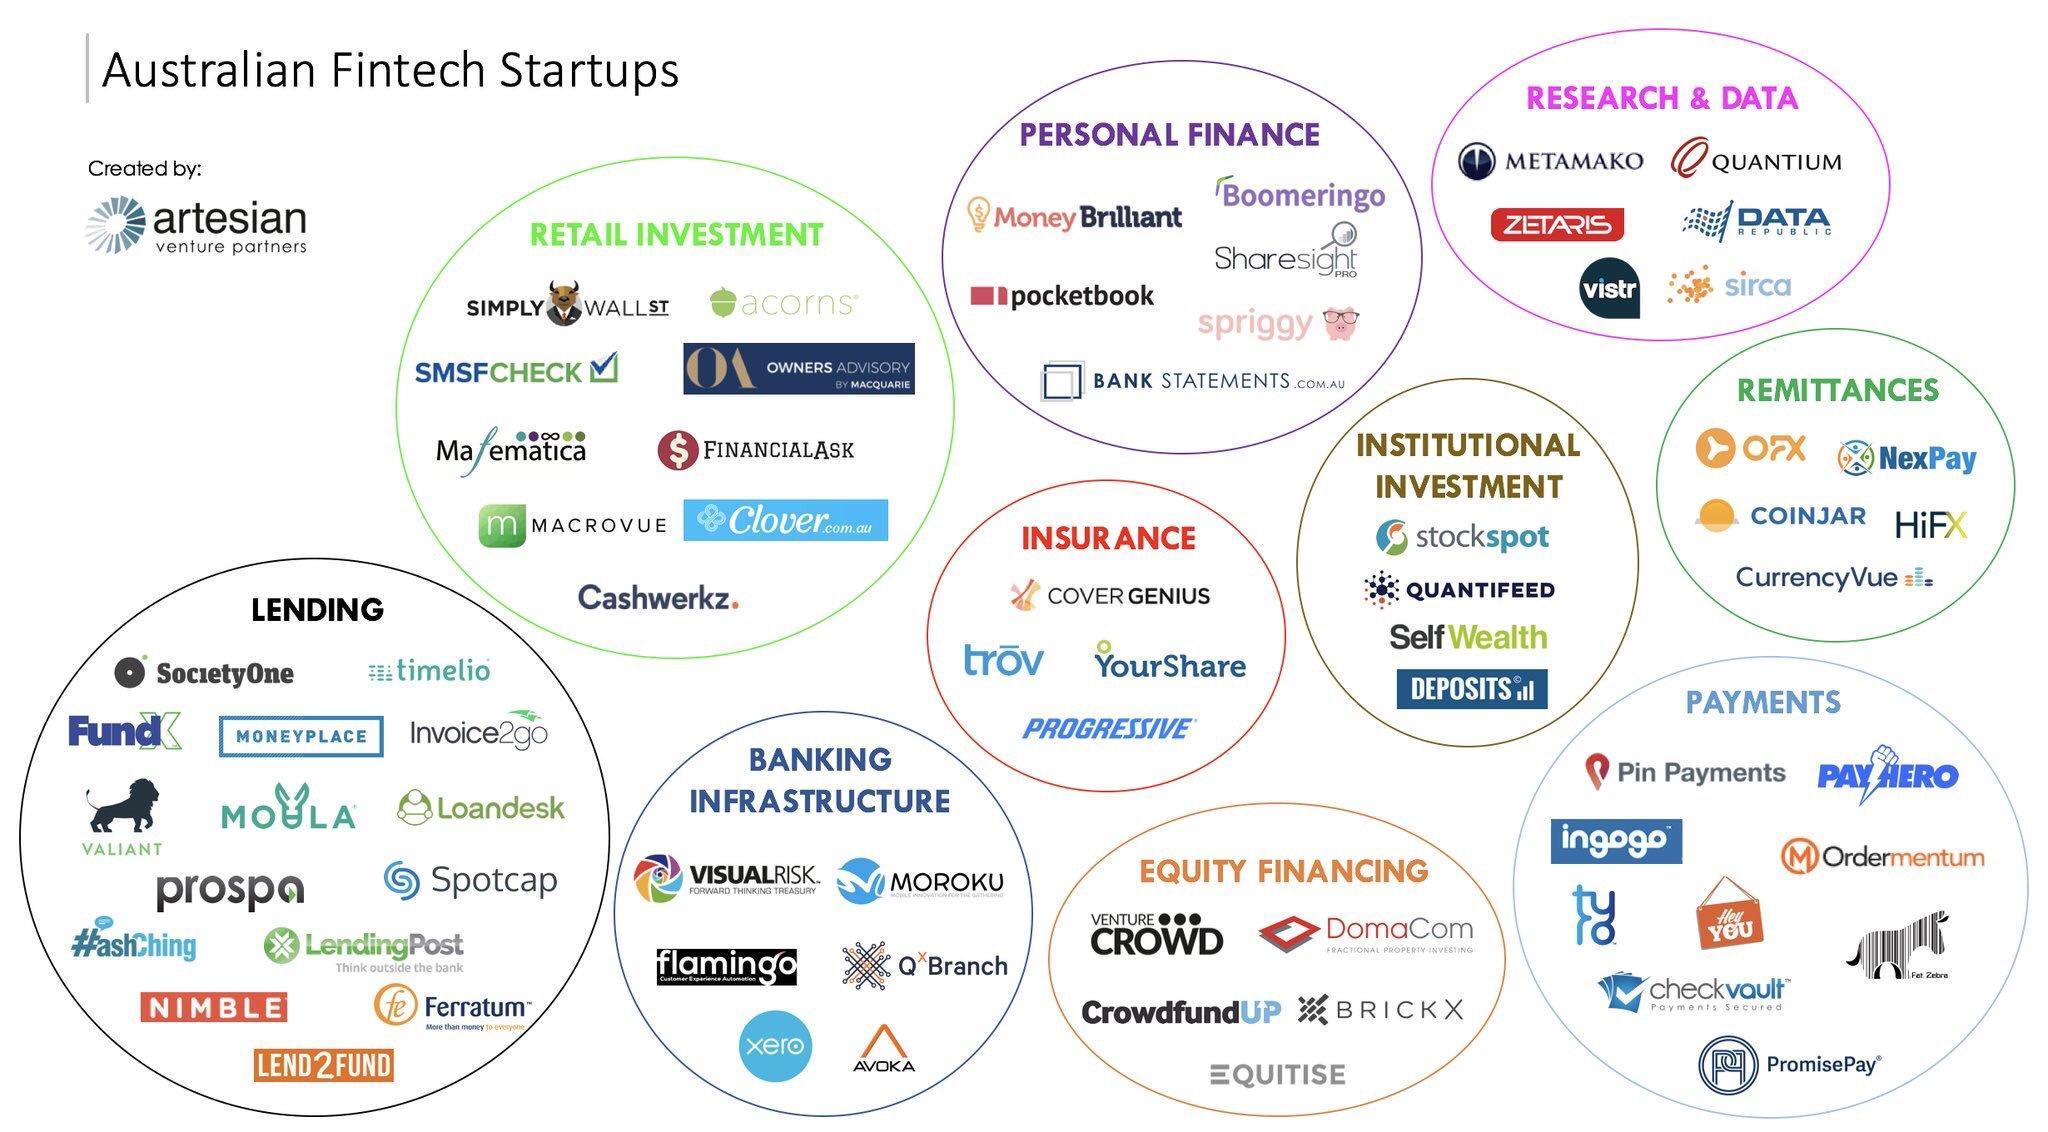 تهدف شركة Fintech Startup Affirm إلى تقييم أكثر من 9 مليارات دولار في الاكتتاب العام الأولي ...